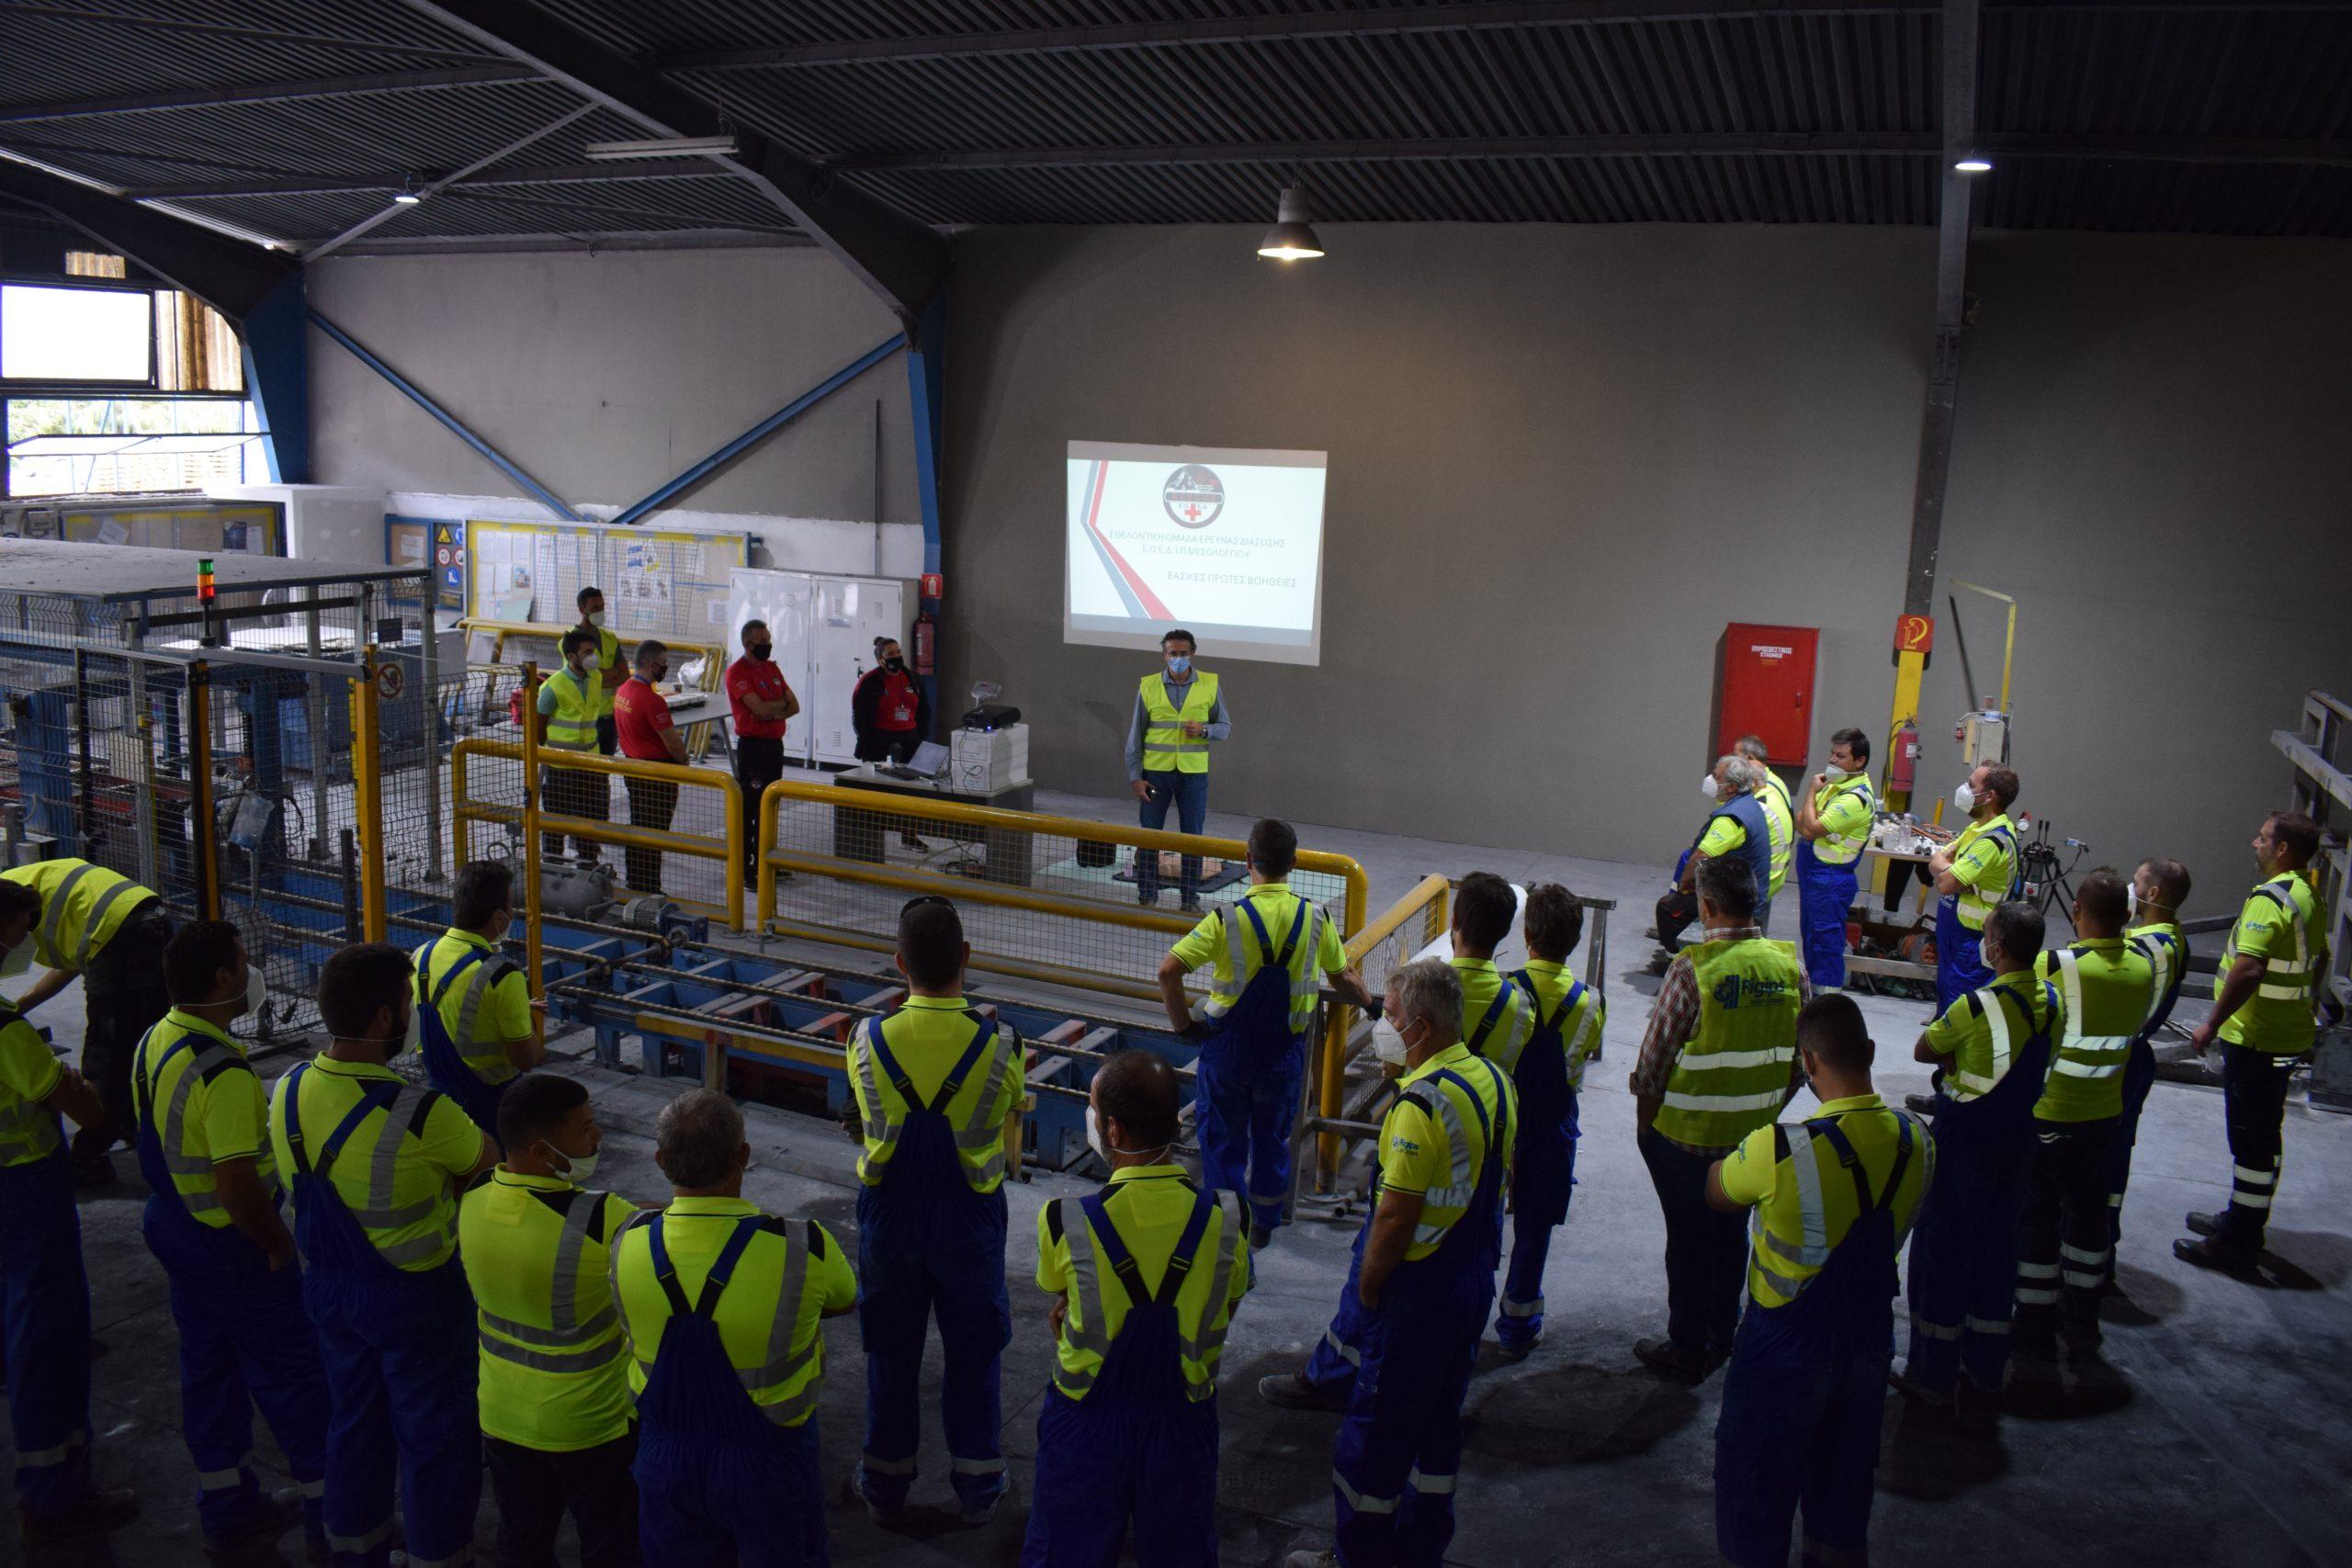 """Ε.Ο.Ε.Δ Μεσολογγίου: Μαθήματα πρώτων βοηθειών στους εργαζόμενους της """"Rigips"""" στο Αιτωλικό"""